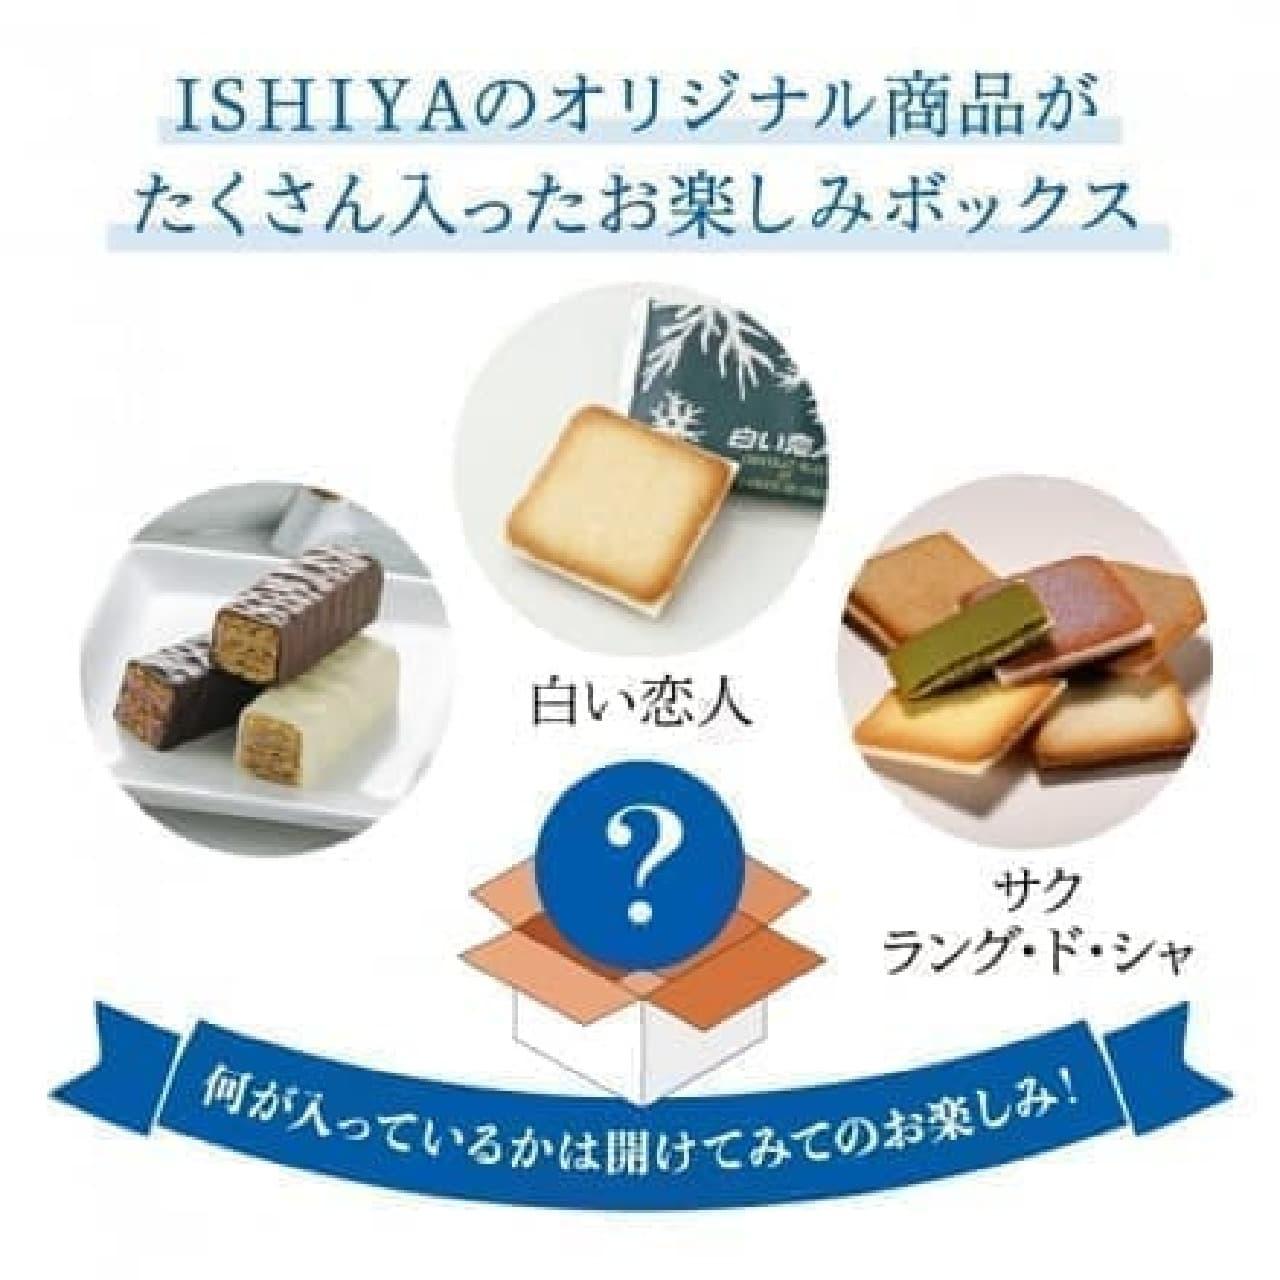 石屋製菓「白い恋人で北海道にエール!BOX」